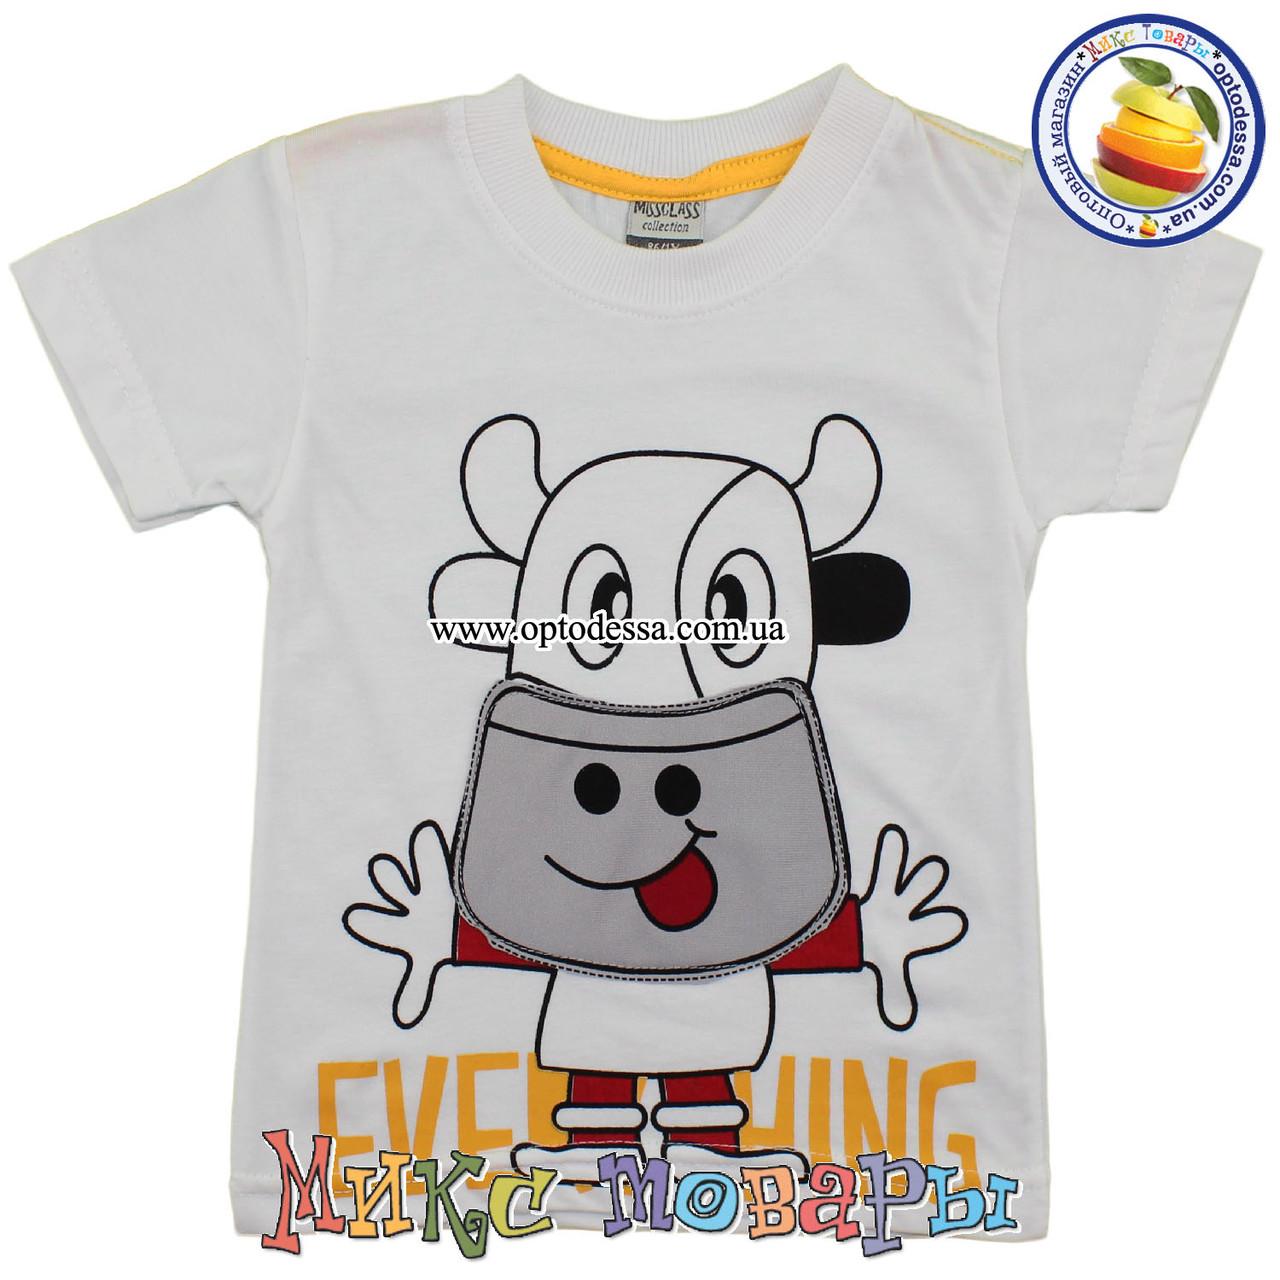 Детская футболка от 1 до 5 лет Турция (5249)